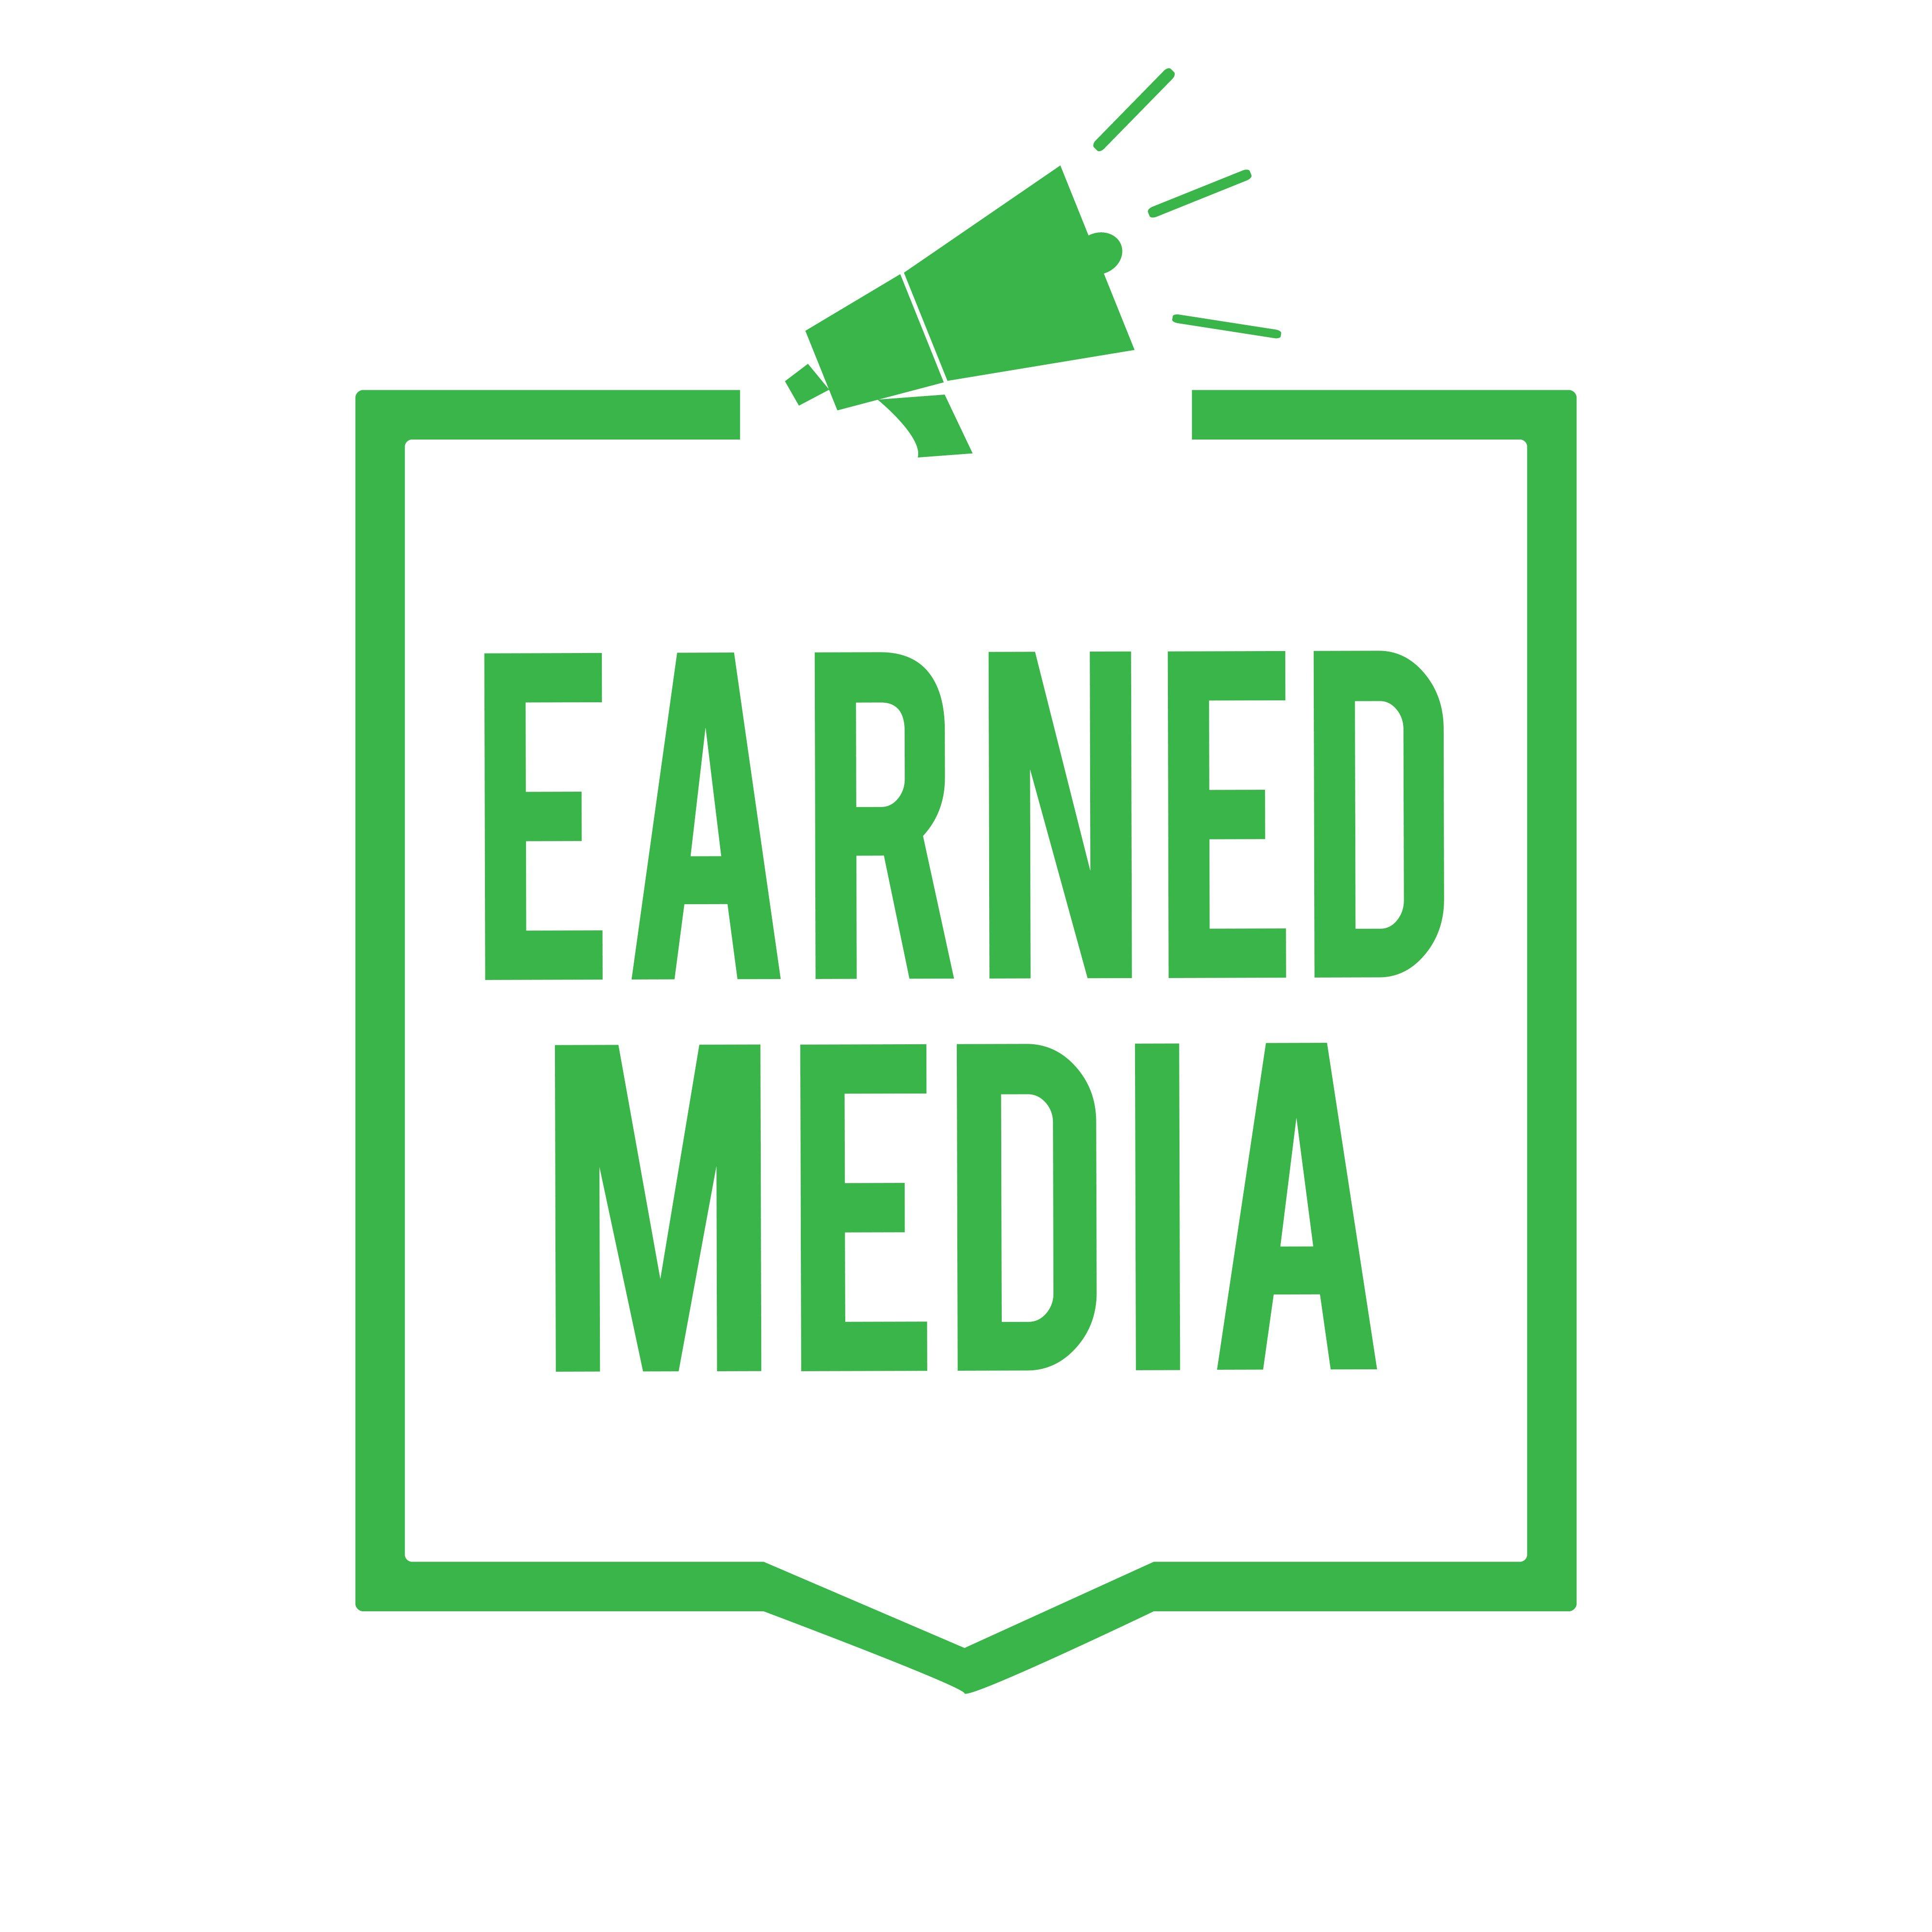 earned_media